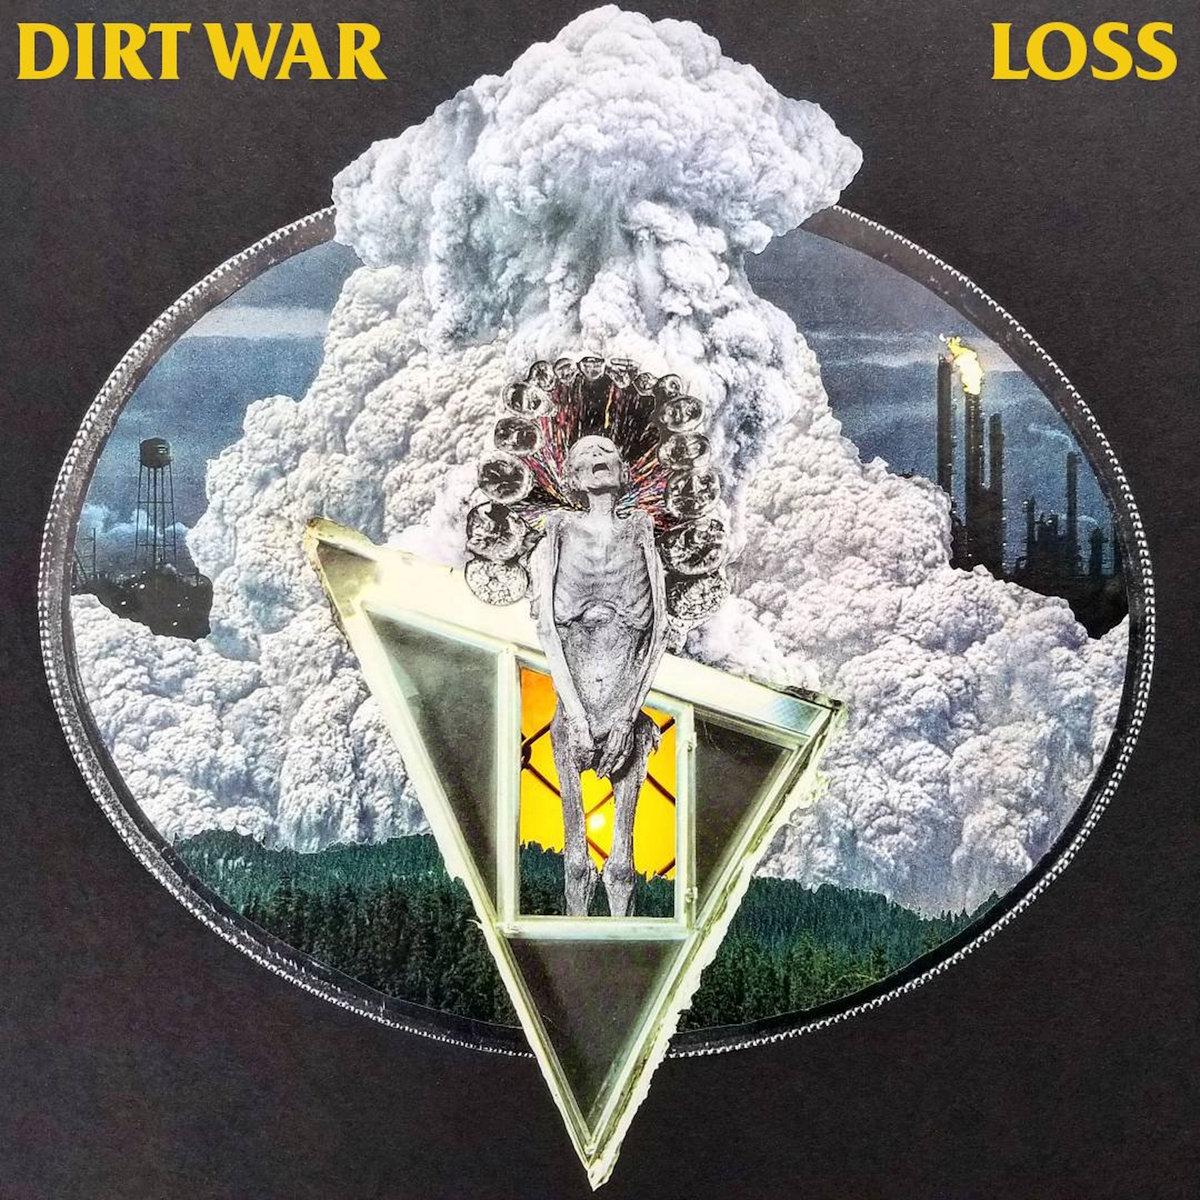 Dirt War – Loss